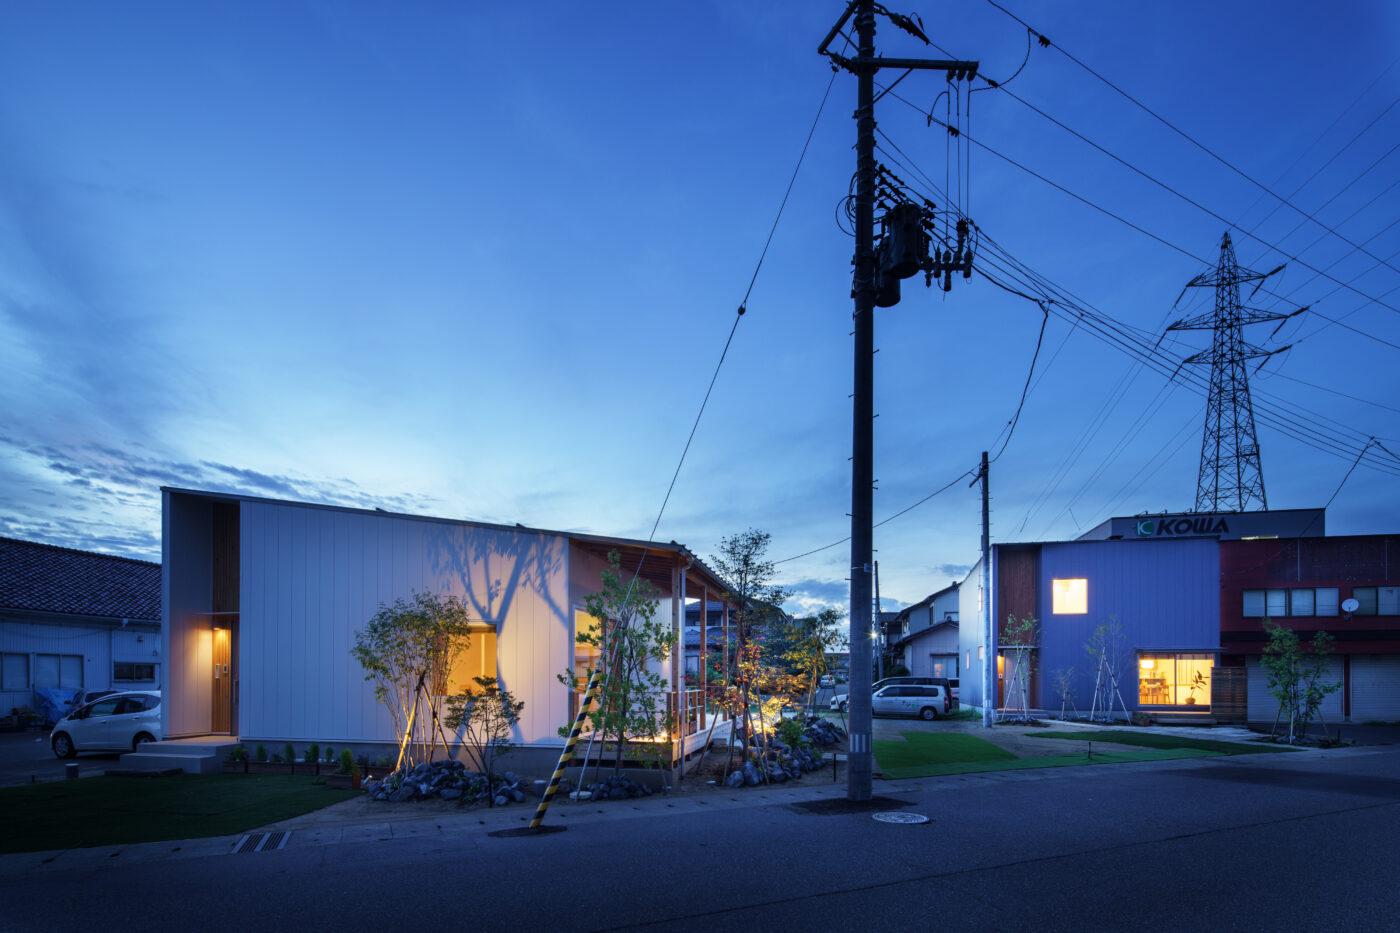 モデルハウス 2棟  グランドオープン & 《期間限定》お家建てるなら、お得に建てようキャンペーン!開催